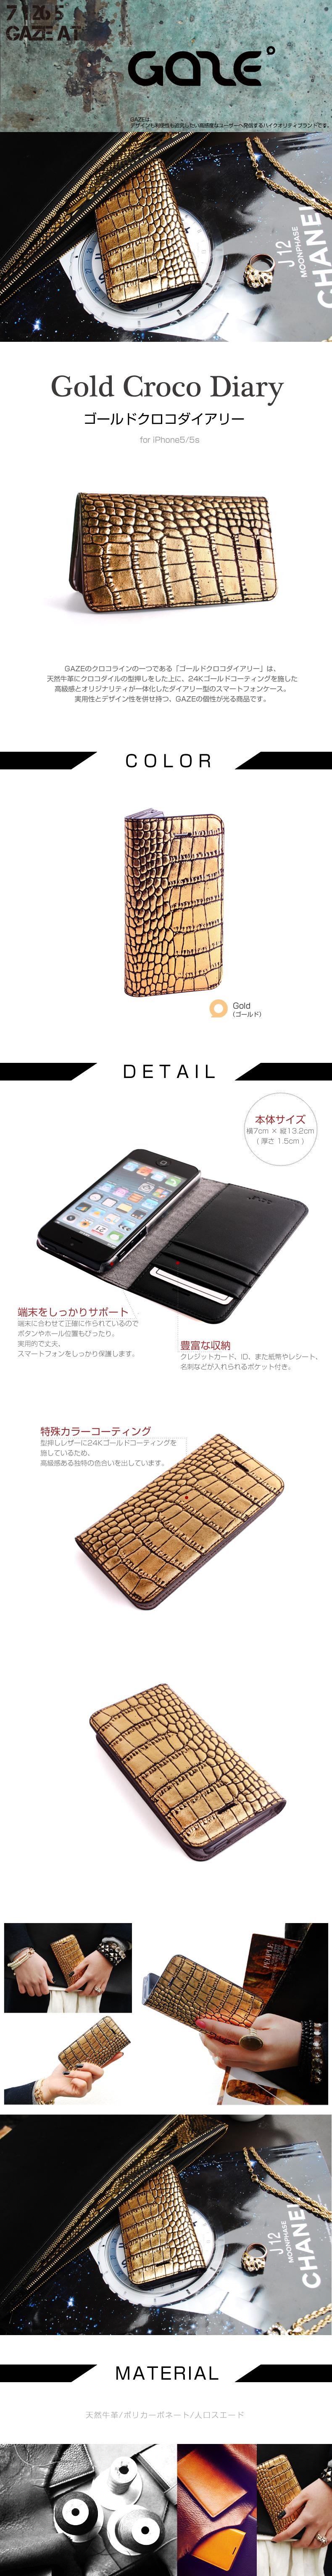 商品詳細iPhone5/5sゴールドクロコダイアリー